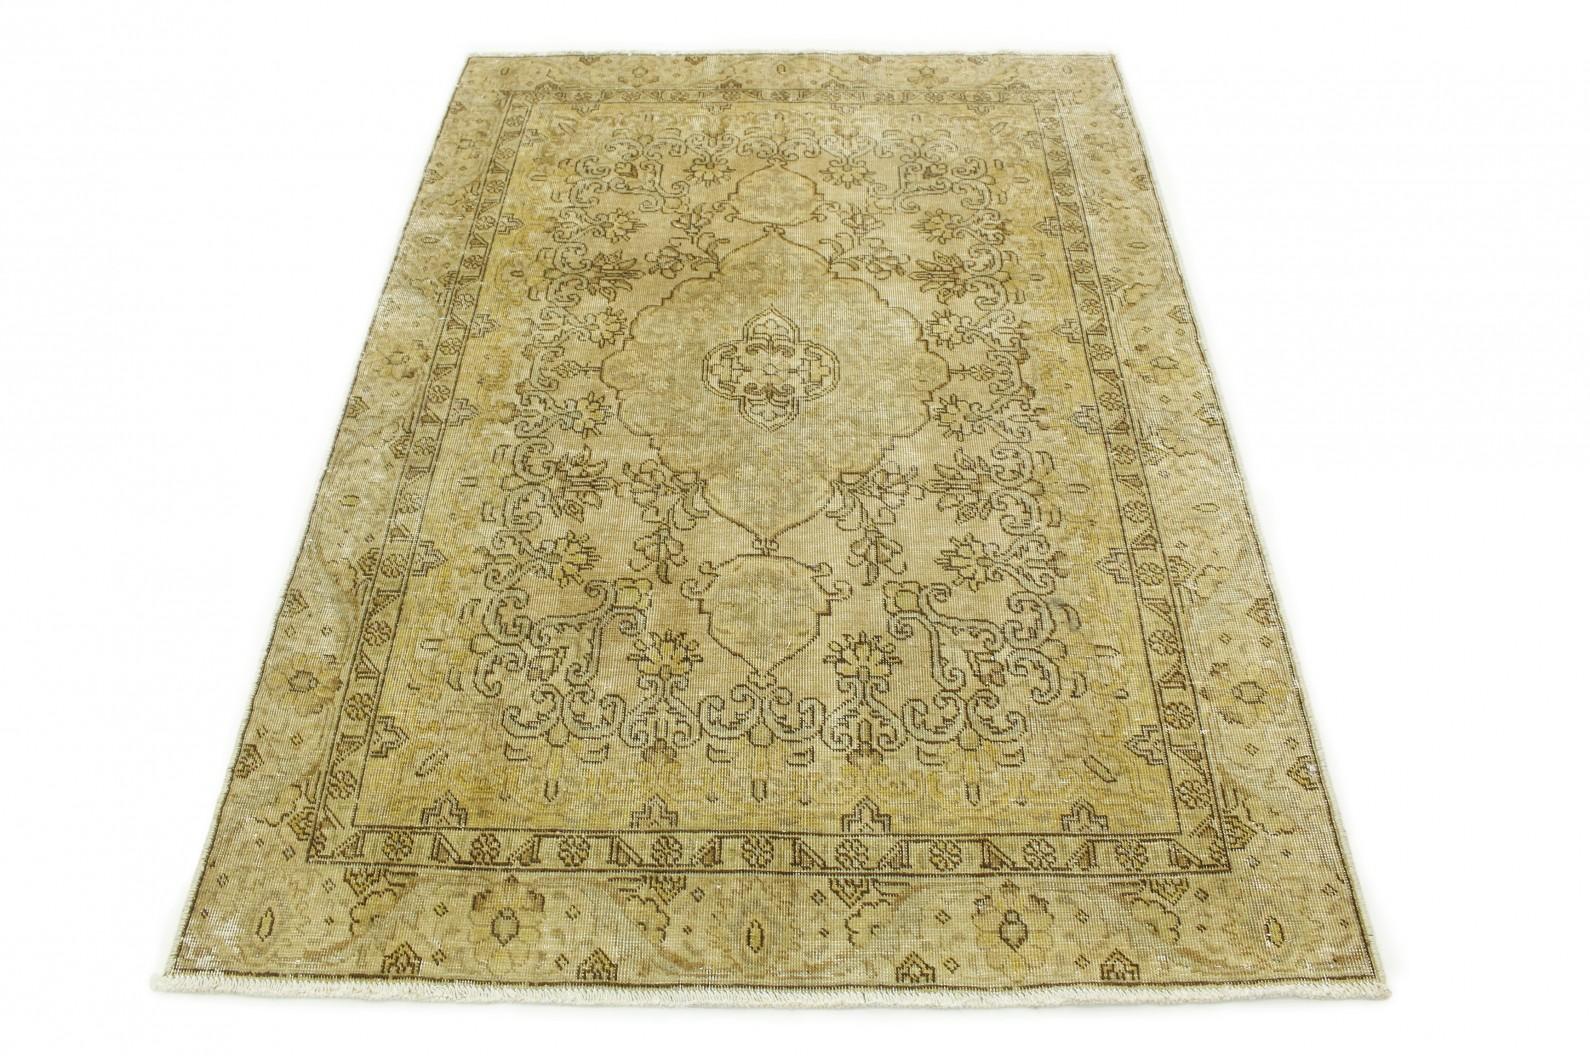 Vintage Teppich Beige in 190x130